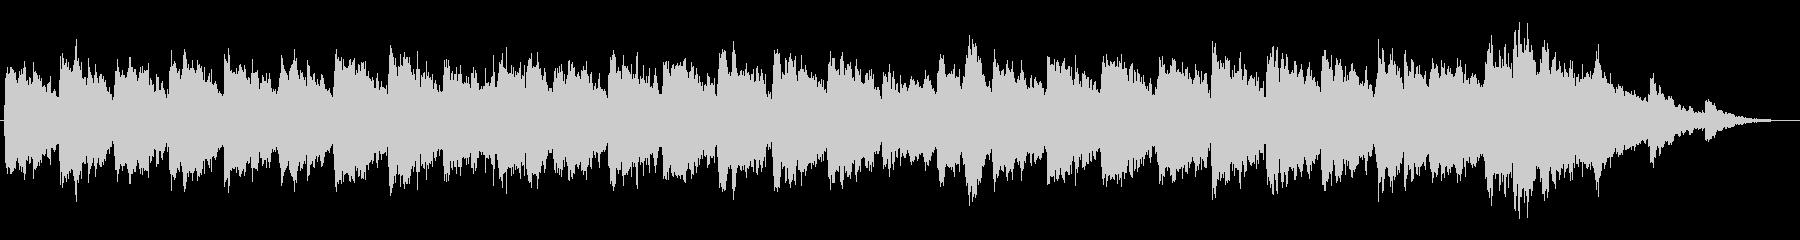 キラキラしたメルヘンチックなジングル4の未再生の波形